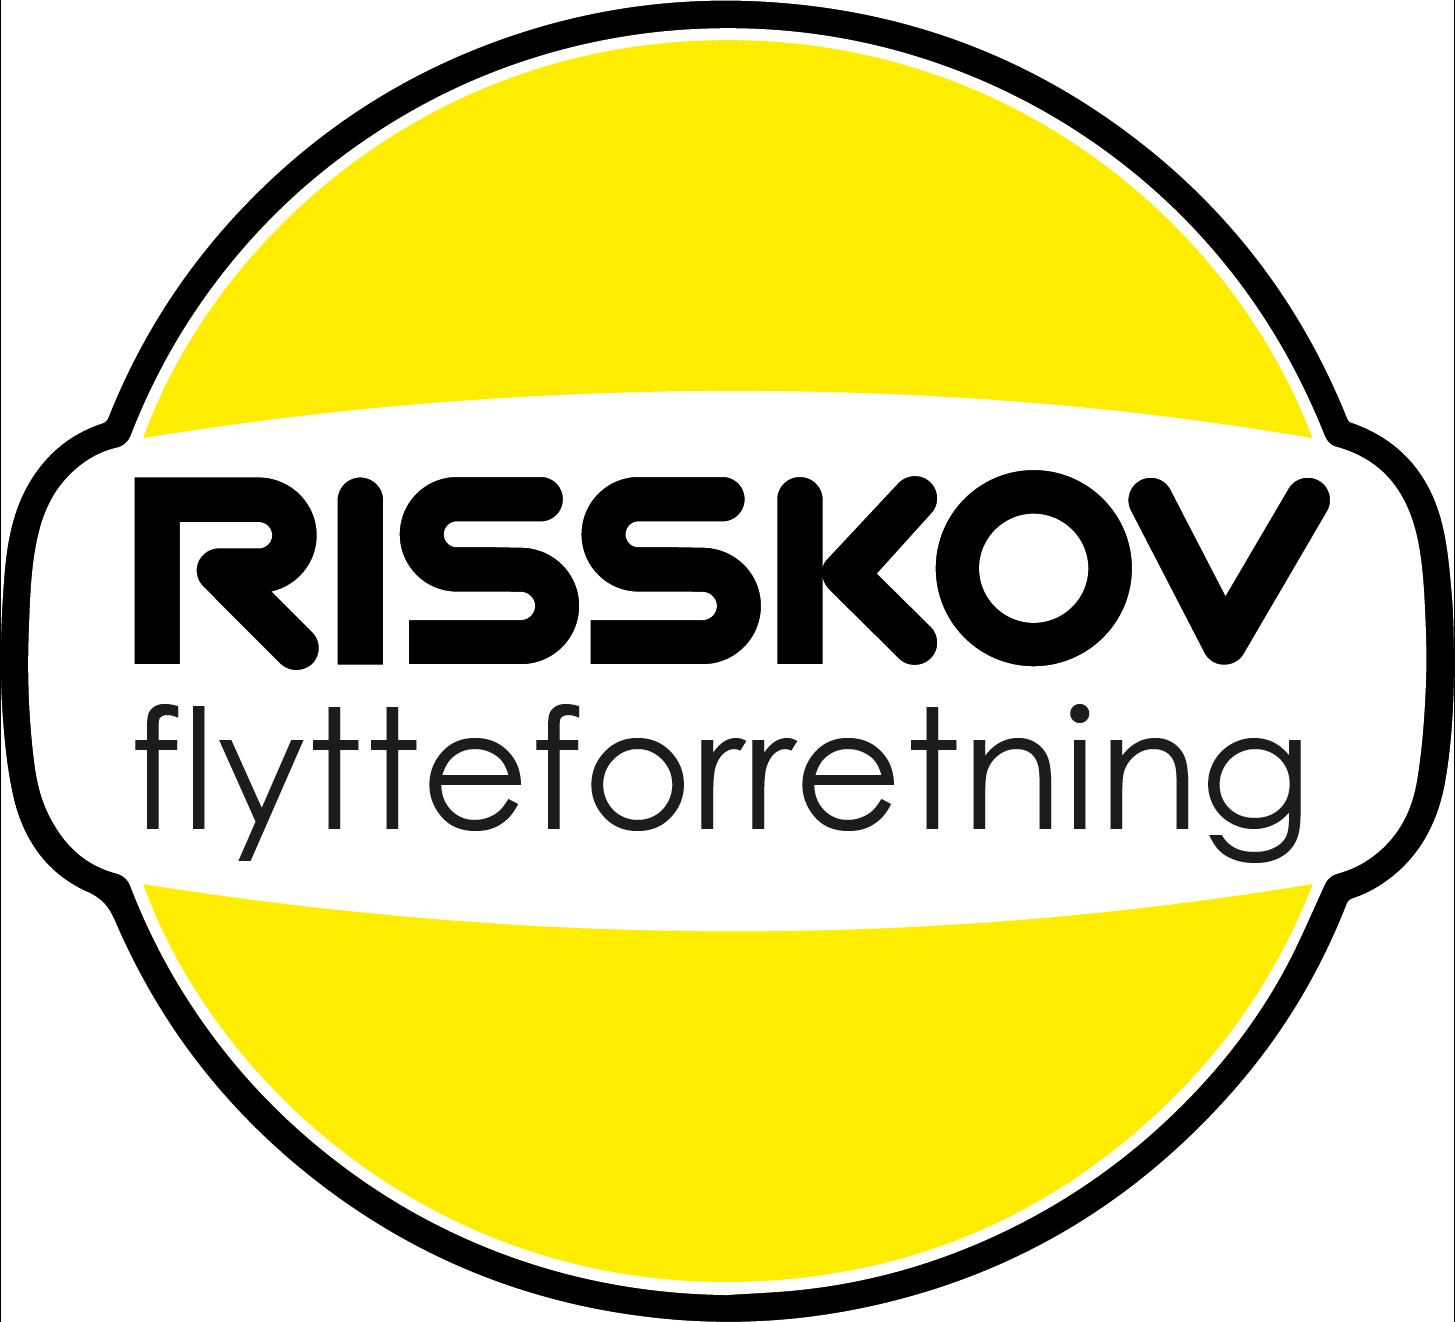 Risskov Flytteforretning